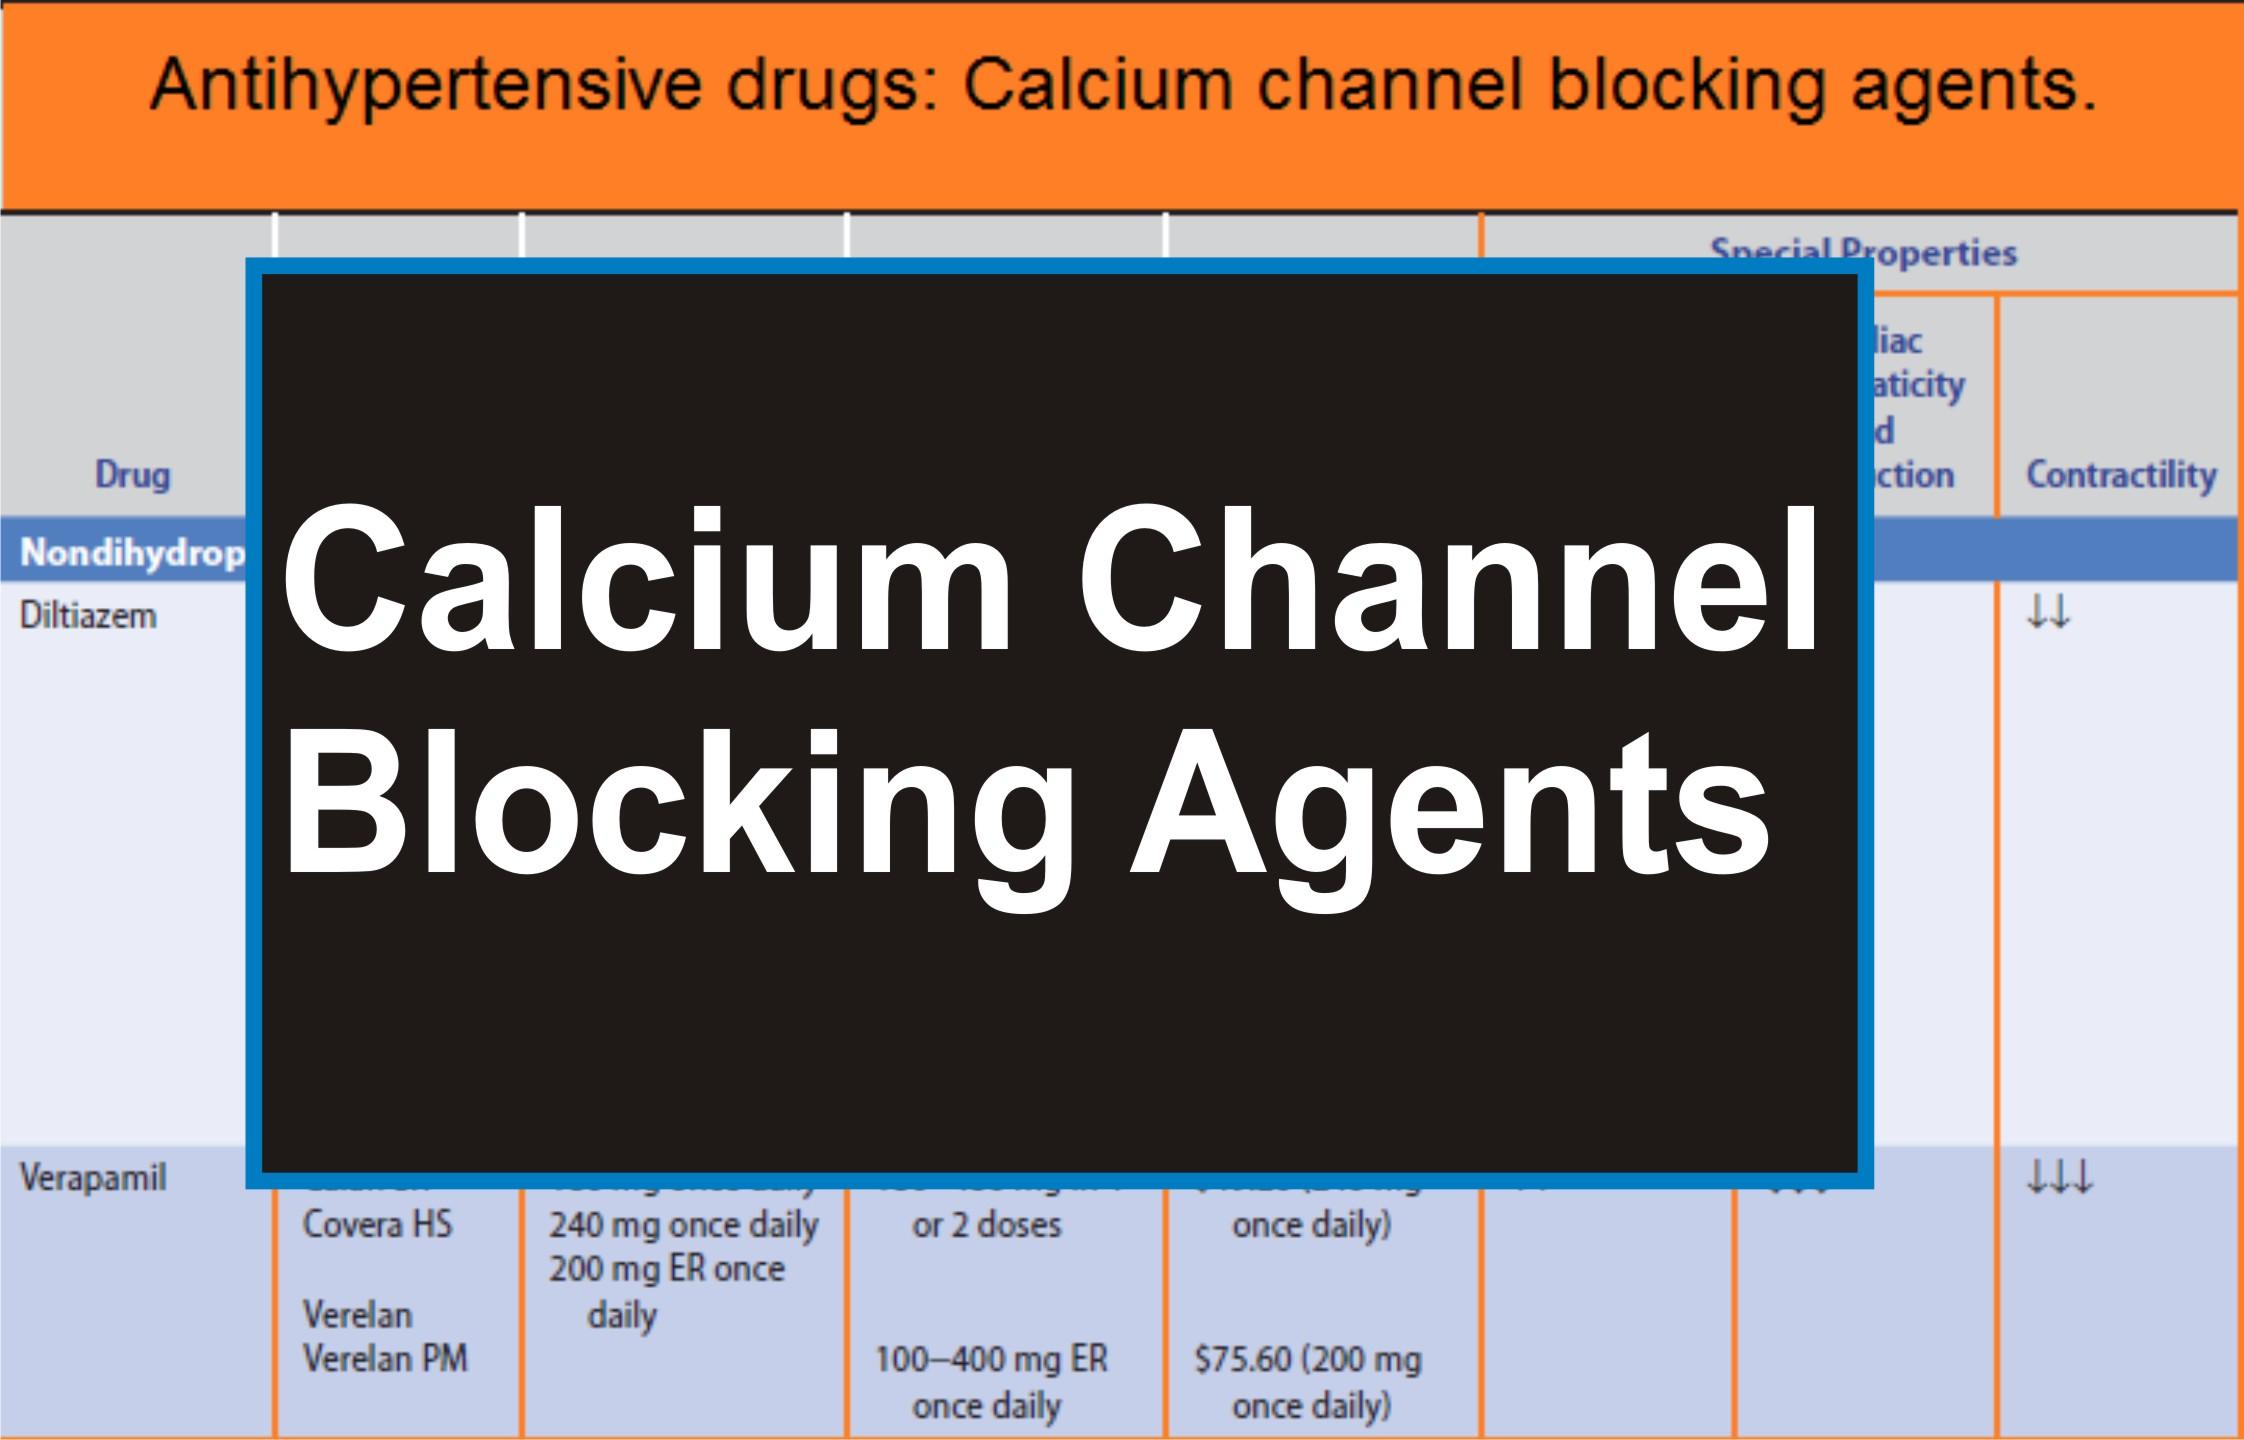 Calcium Channel Blocking Agents Medical Estudy